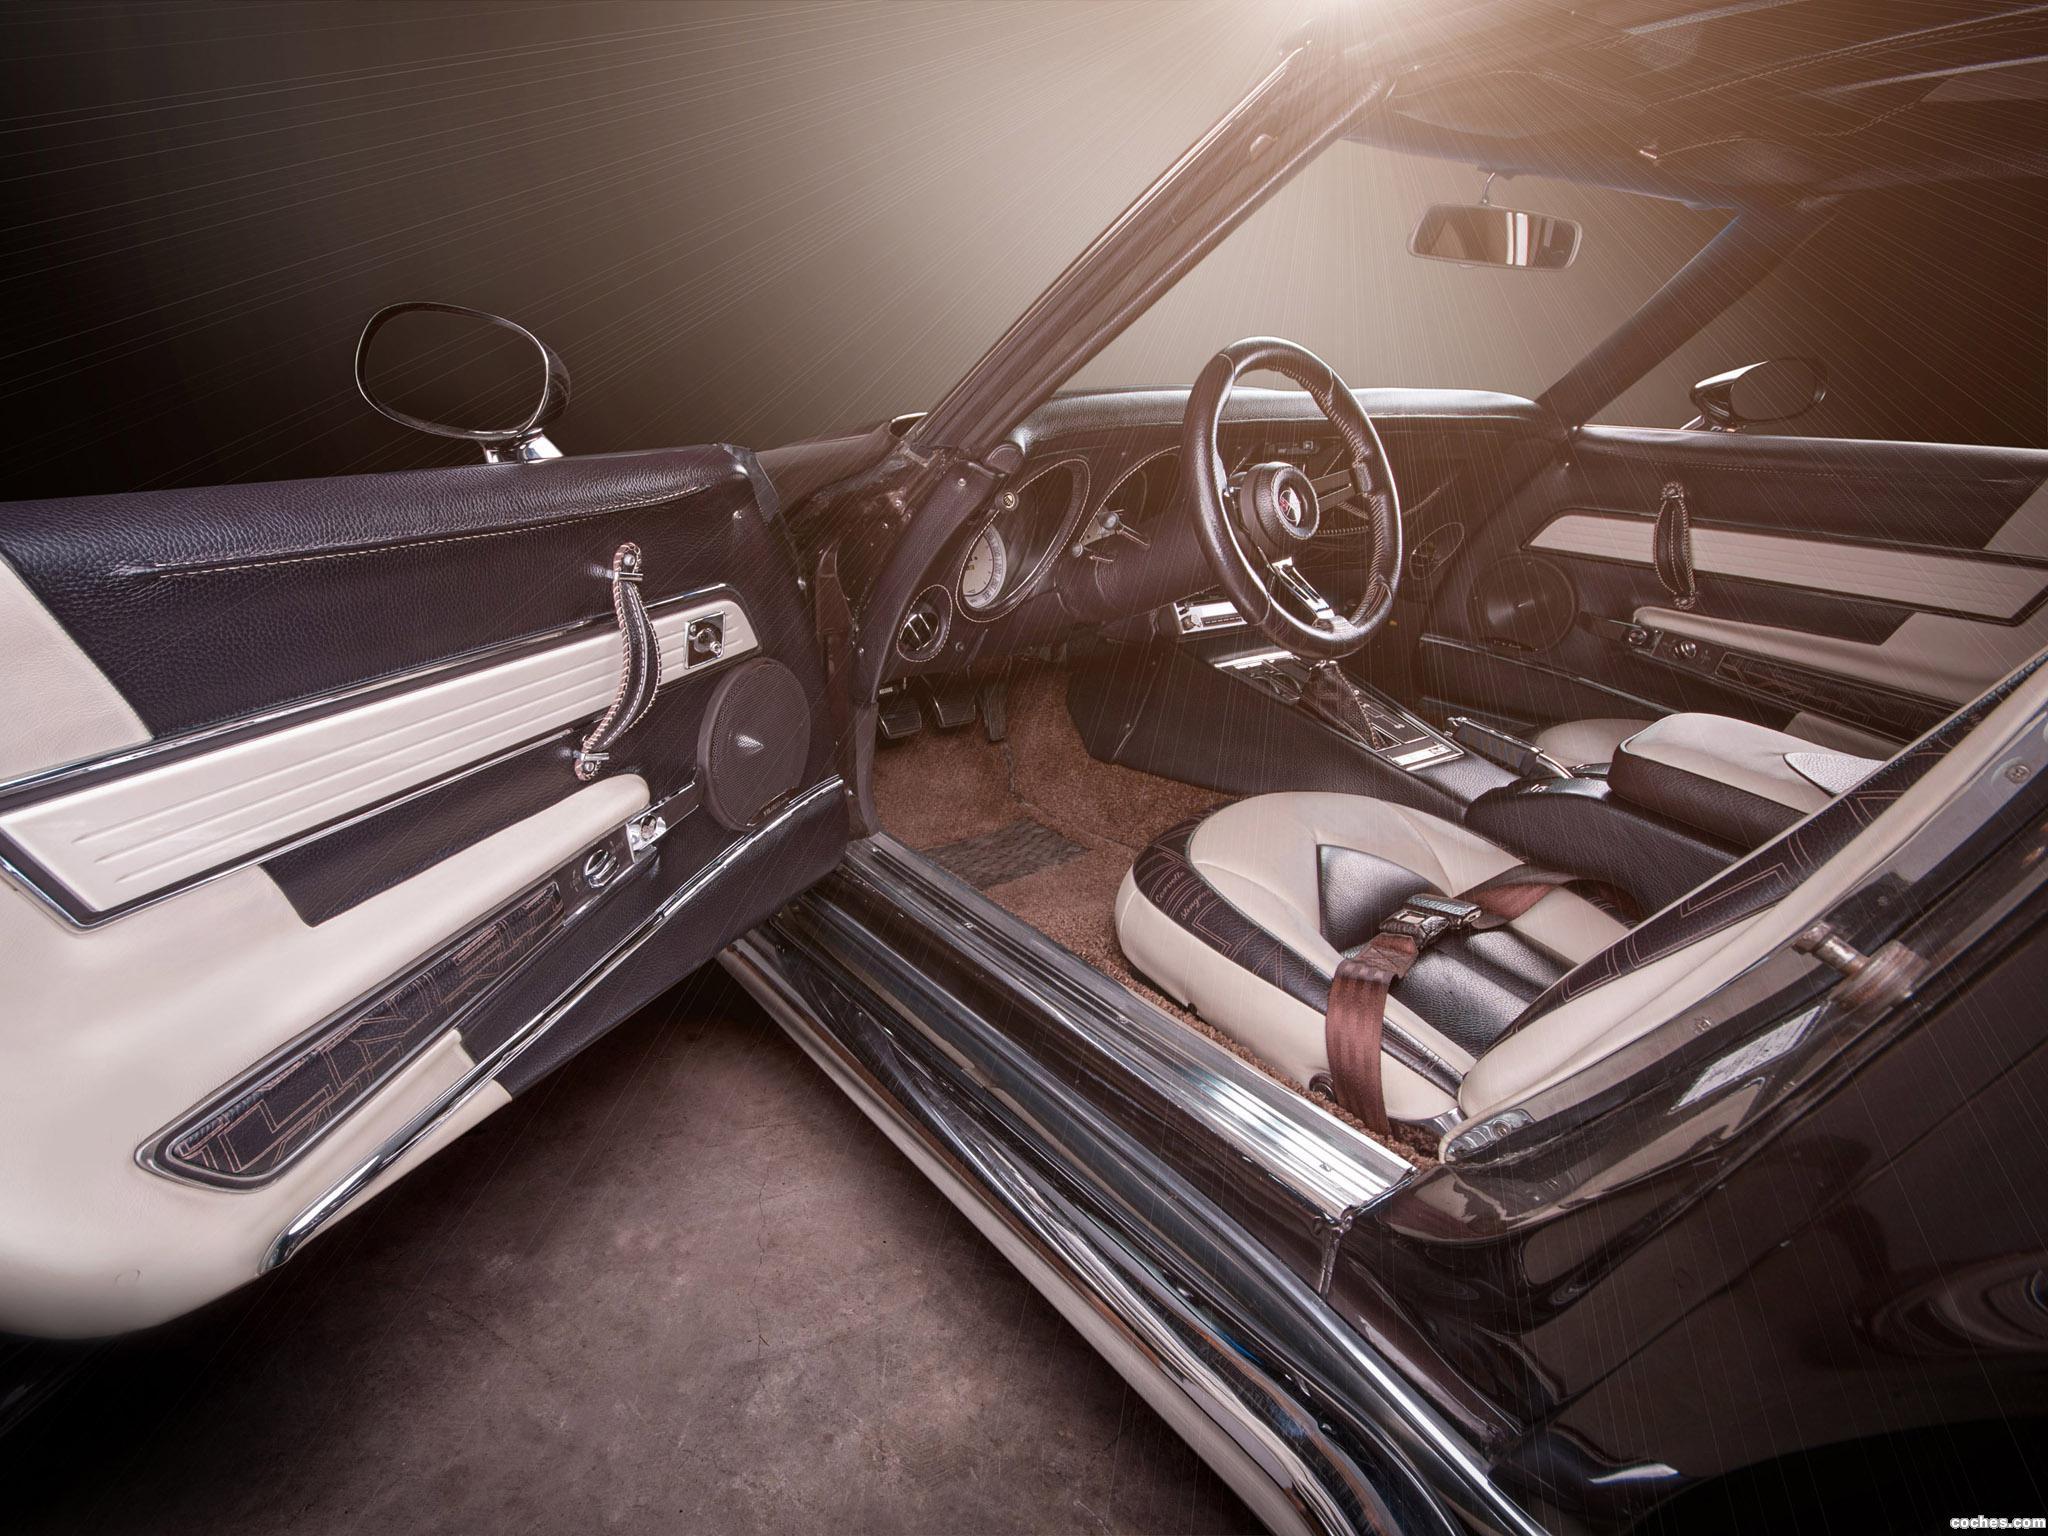 Foto 7 de Chevrolet Vilner Corvette Stingray 1976 C3 2013